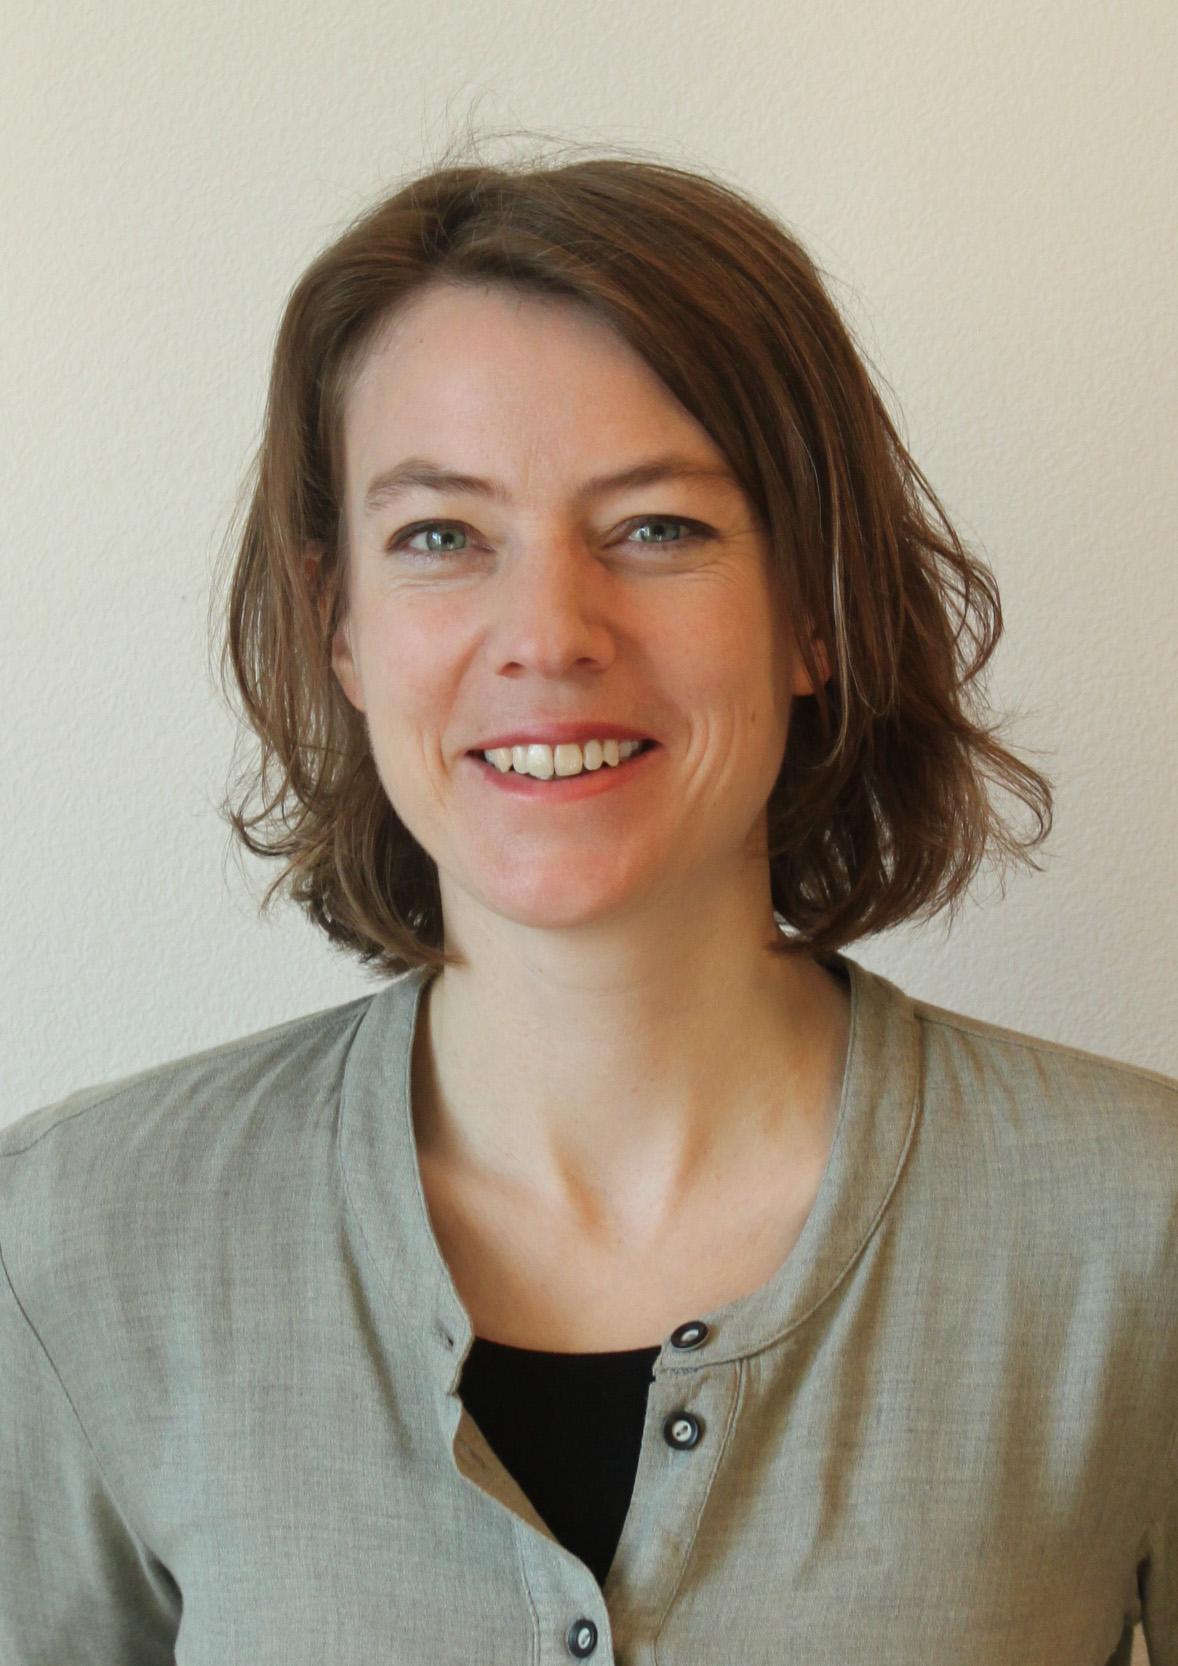 Isabelle Hauser   i.hauser@entux.ch   Industrial Design  HMI Gestaltung  Design Thinking  Kreativitätsworkshops